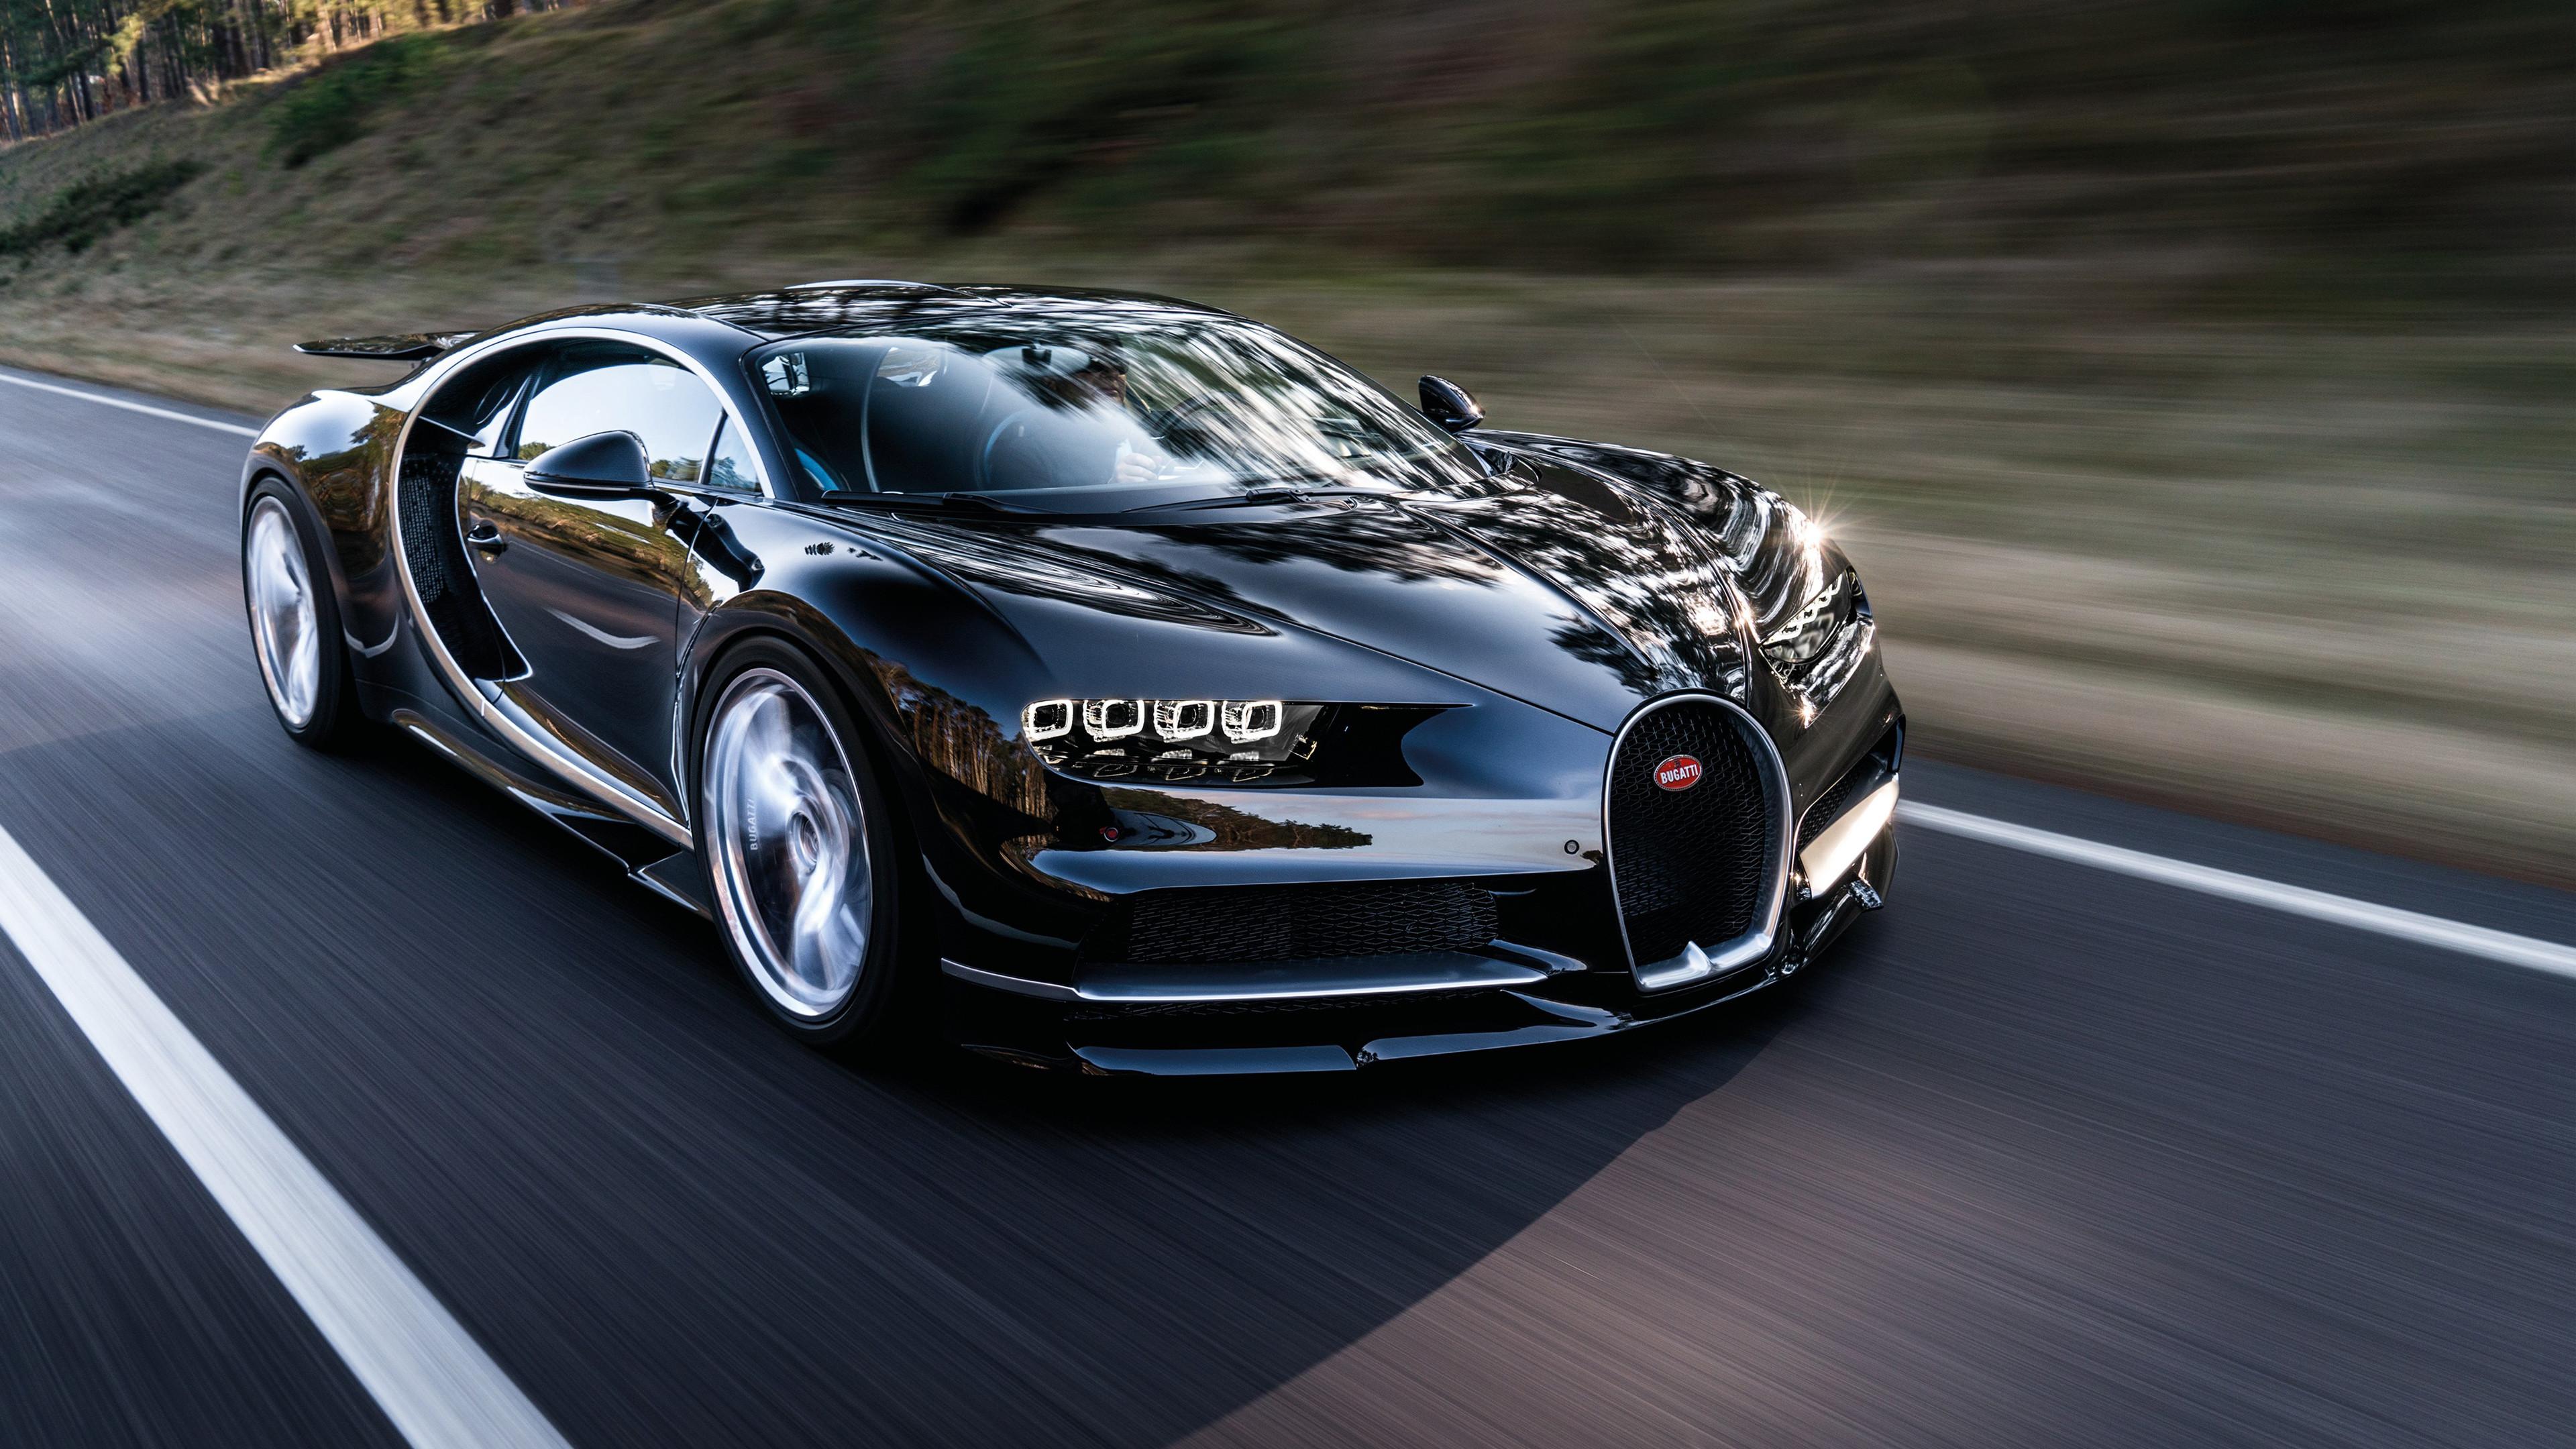 Res: 3840x2160, Bugatti Car Wallpapers,Pictures | Bugatti Widescreen & HD Desktop .